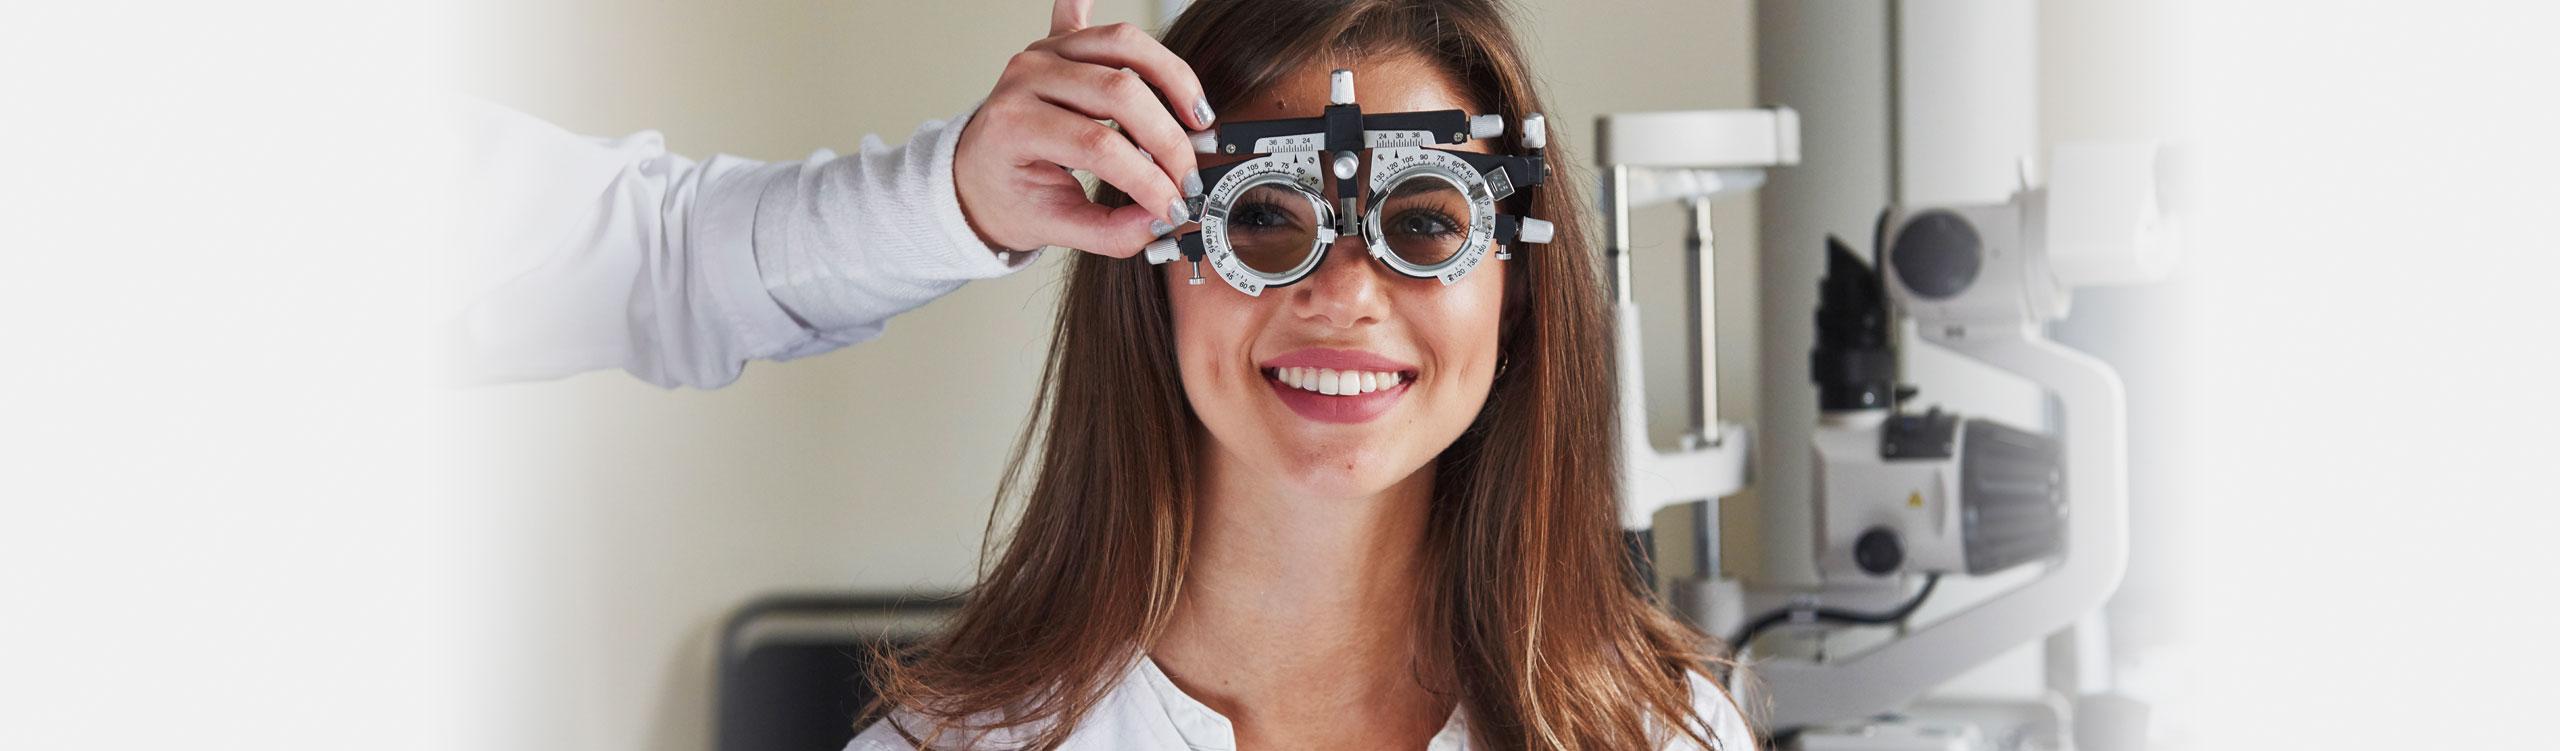 AugenCentrum Pegnitz: Junge Frau hat viel Spaß bei der Untersuchung in der Augenarztpraxis